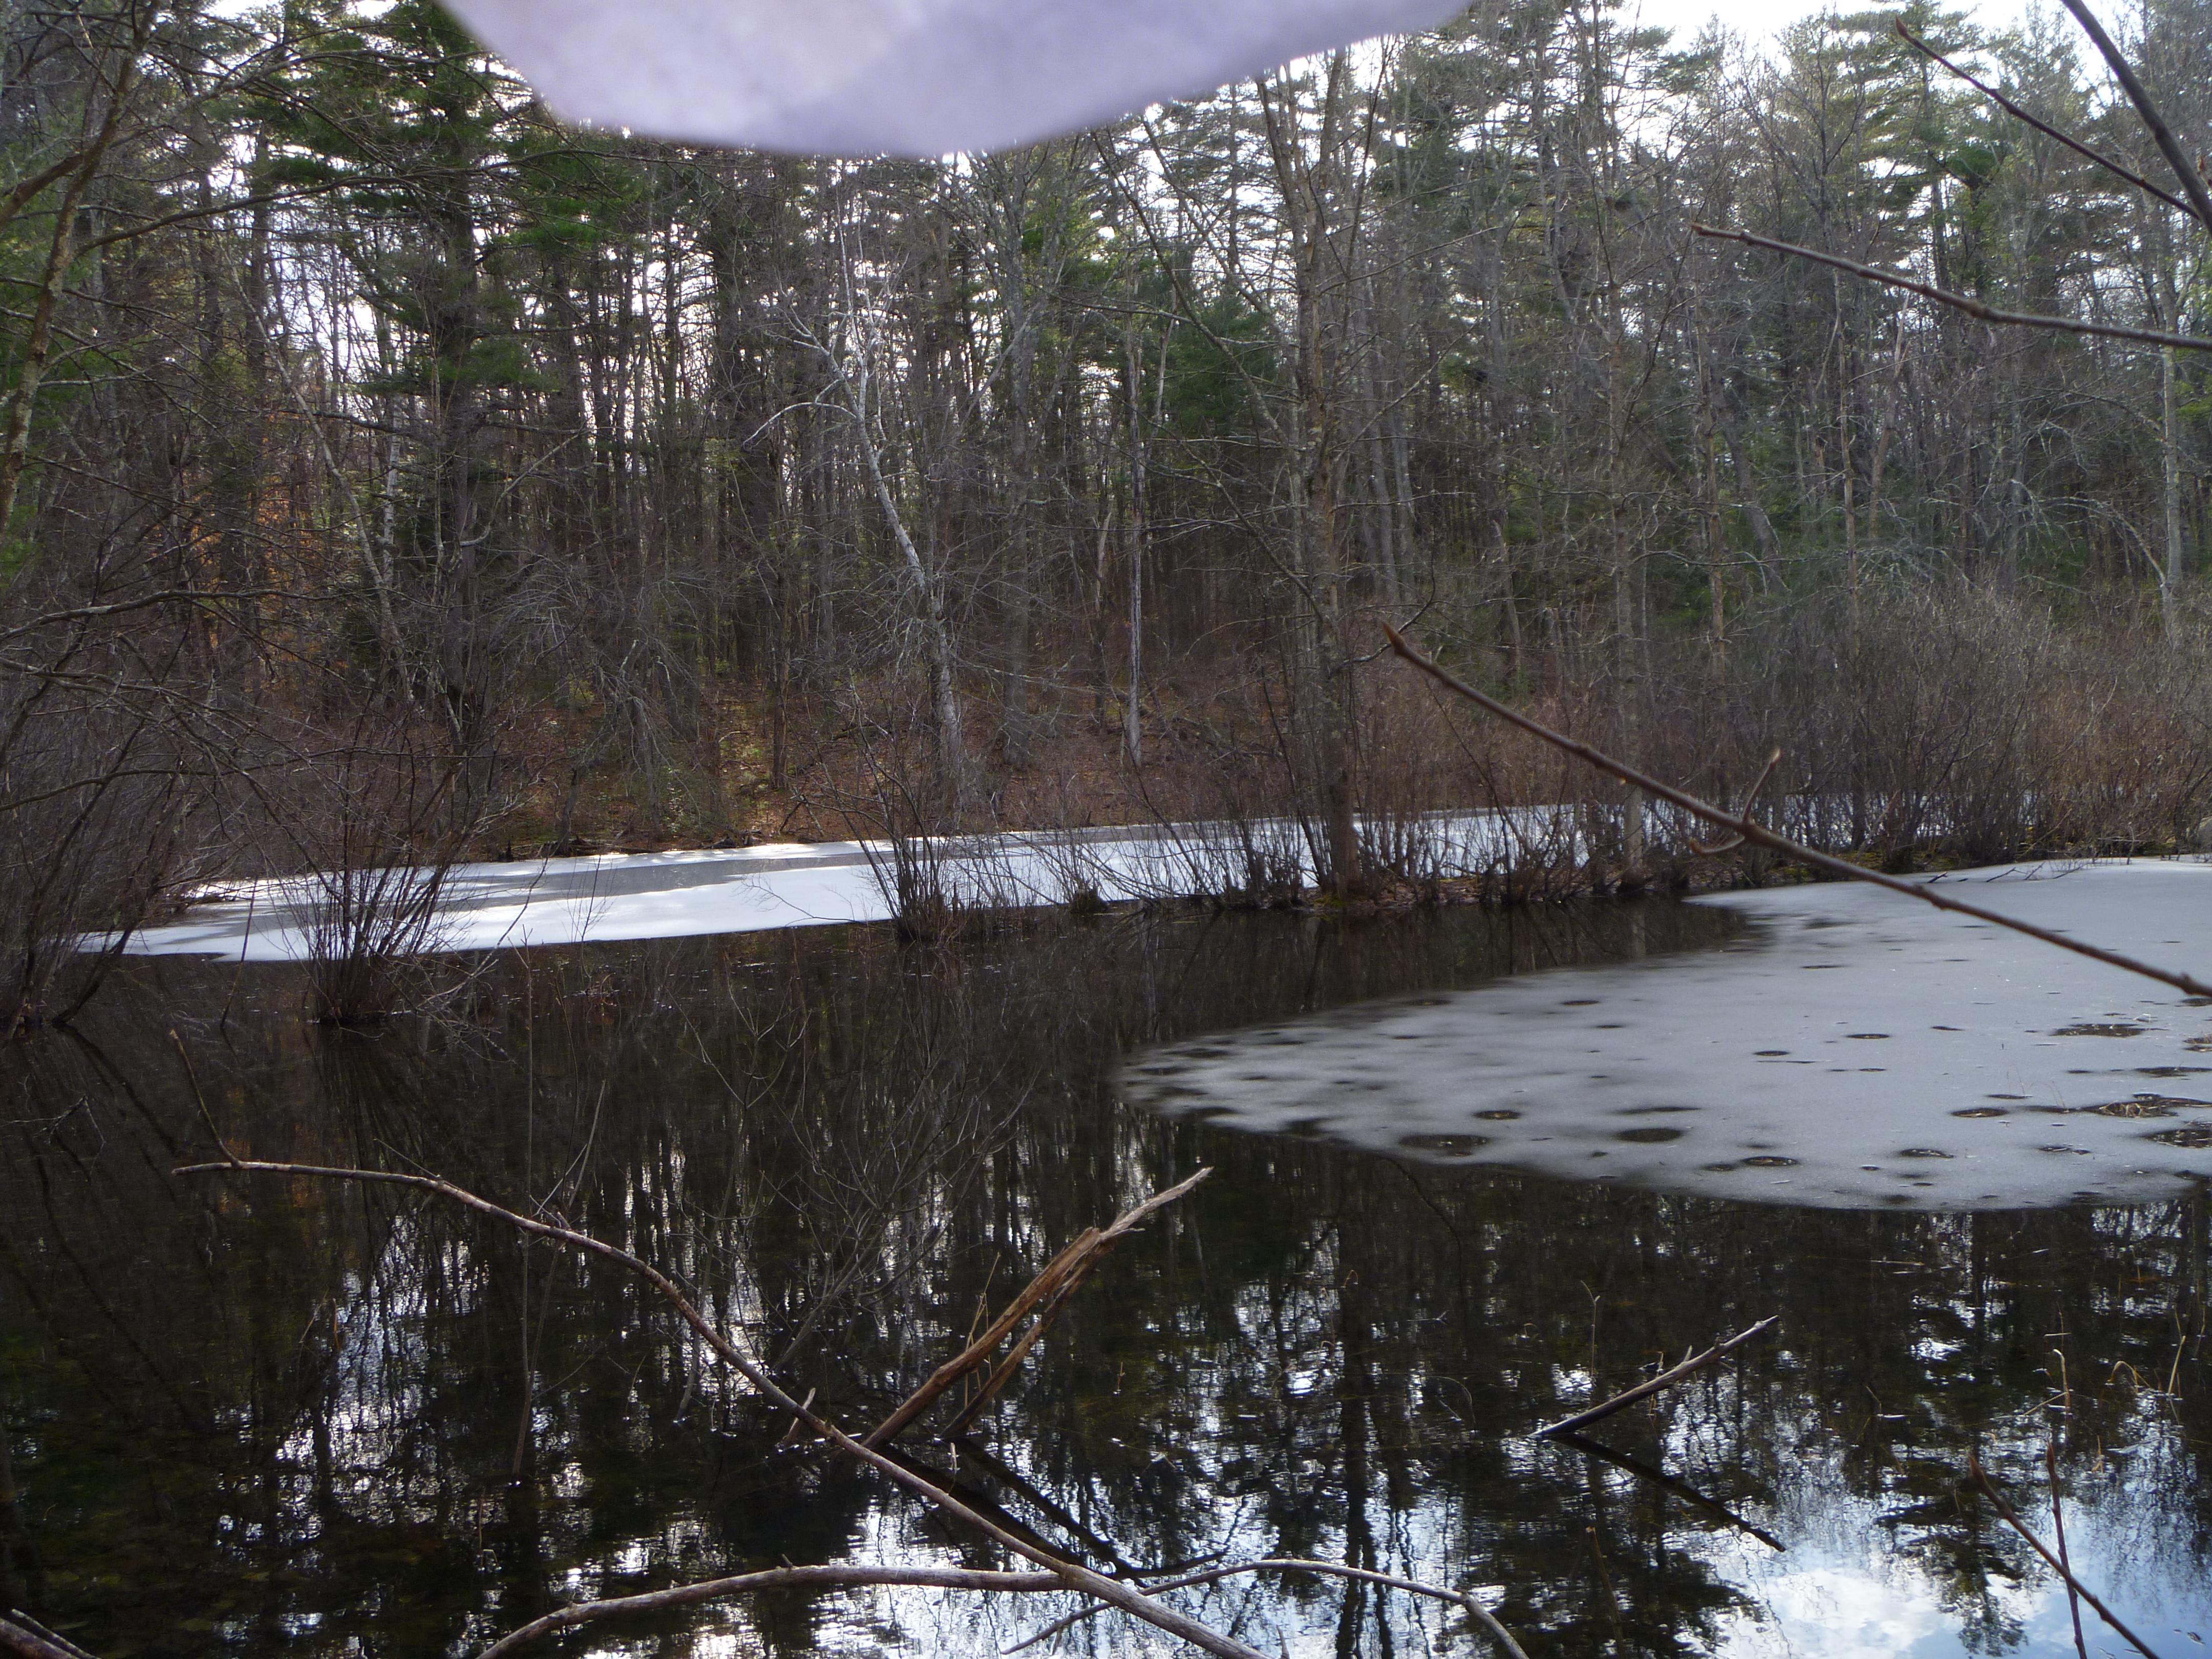 Exploring Massachusetts: February 2018